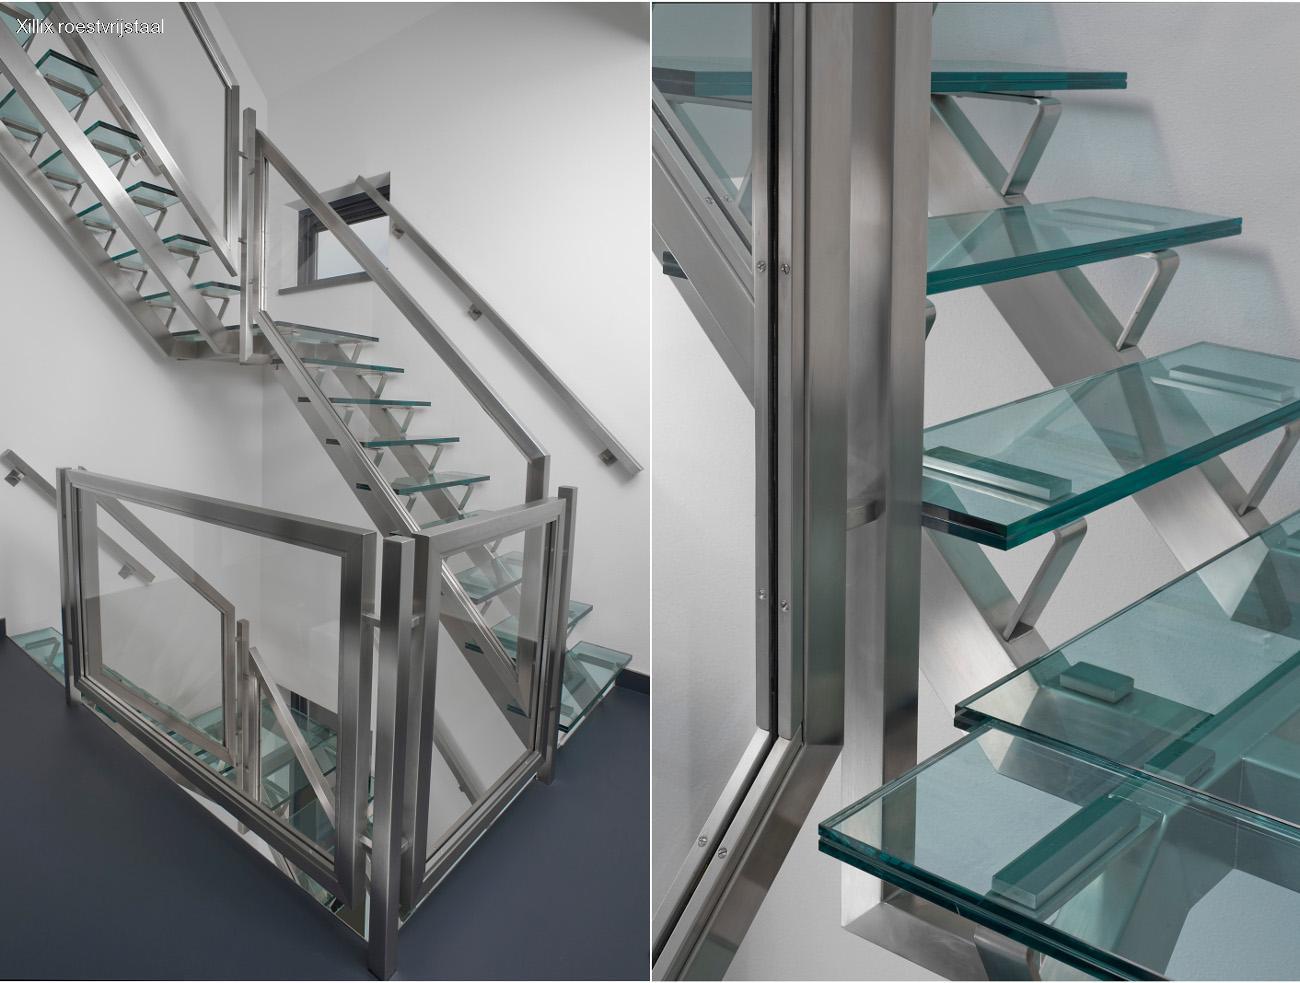 maatwerk traphek met brede rvs balusters en glas xillix.nl